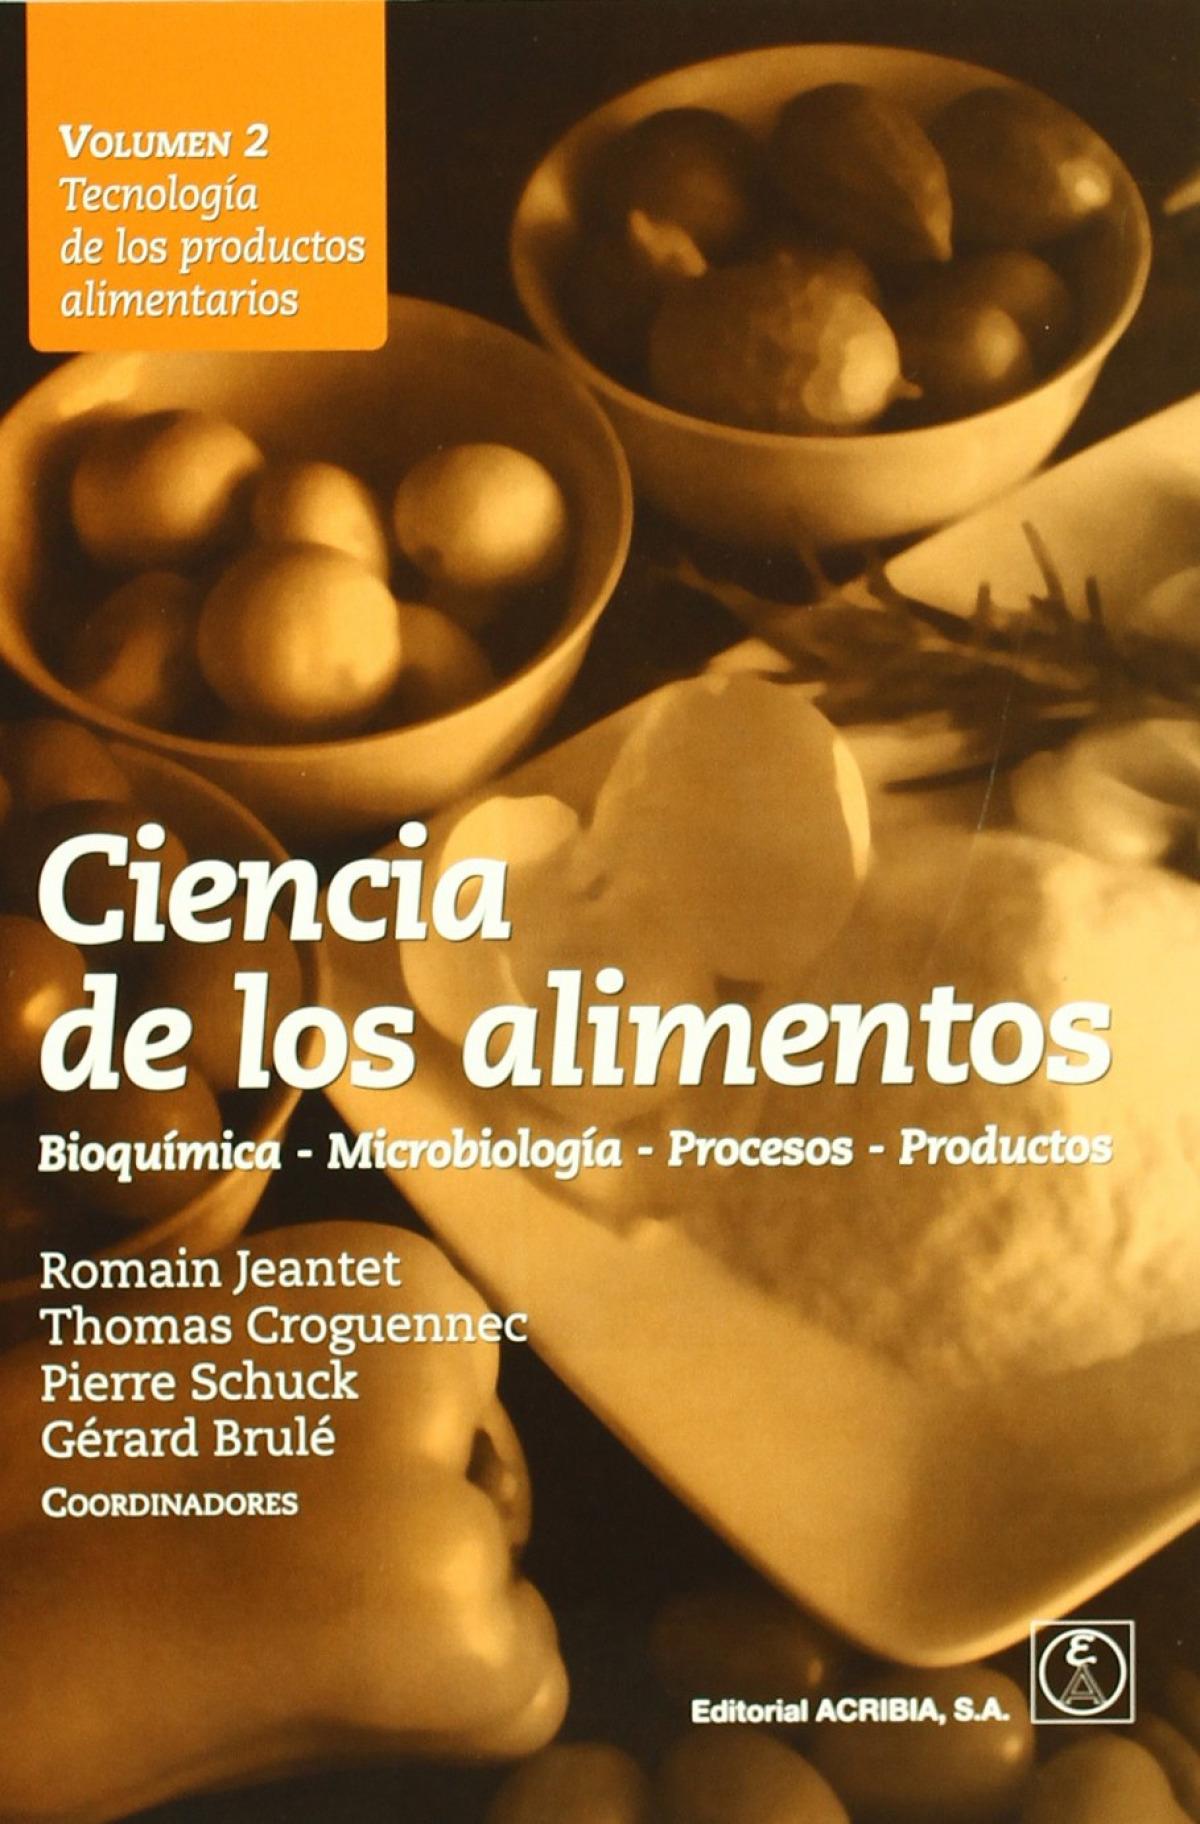 CIENCIA DE LOS ALIMENTOS. BIOQUÍMICA û MICROBIOLOGÍA û PROCESOS û PRODUCTOS VOLUMEN 2: TECNOLOGÍA DE